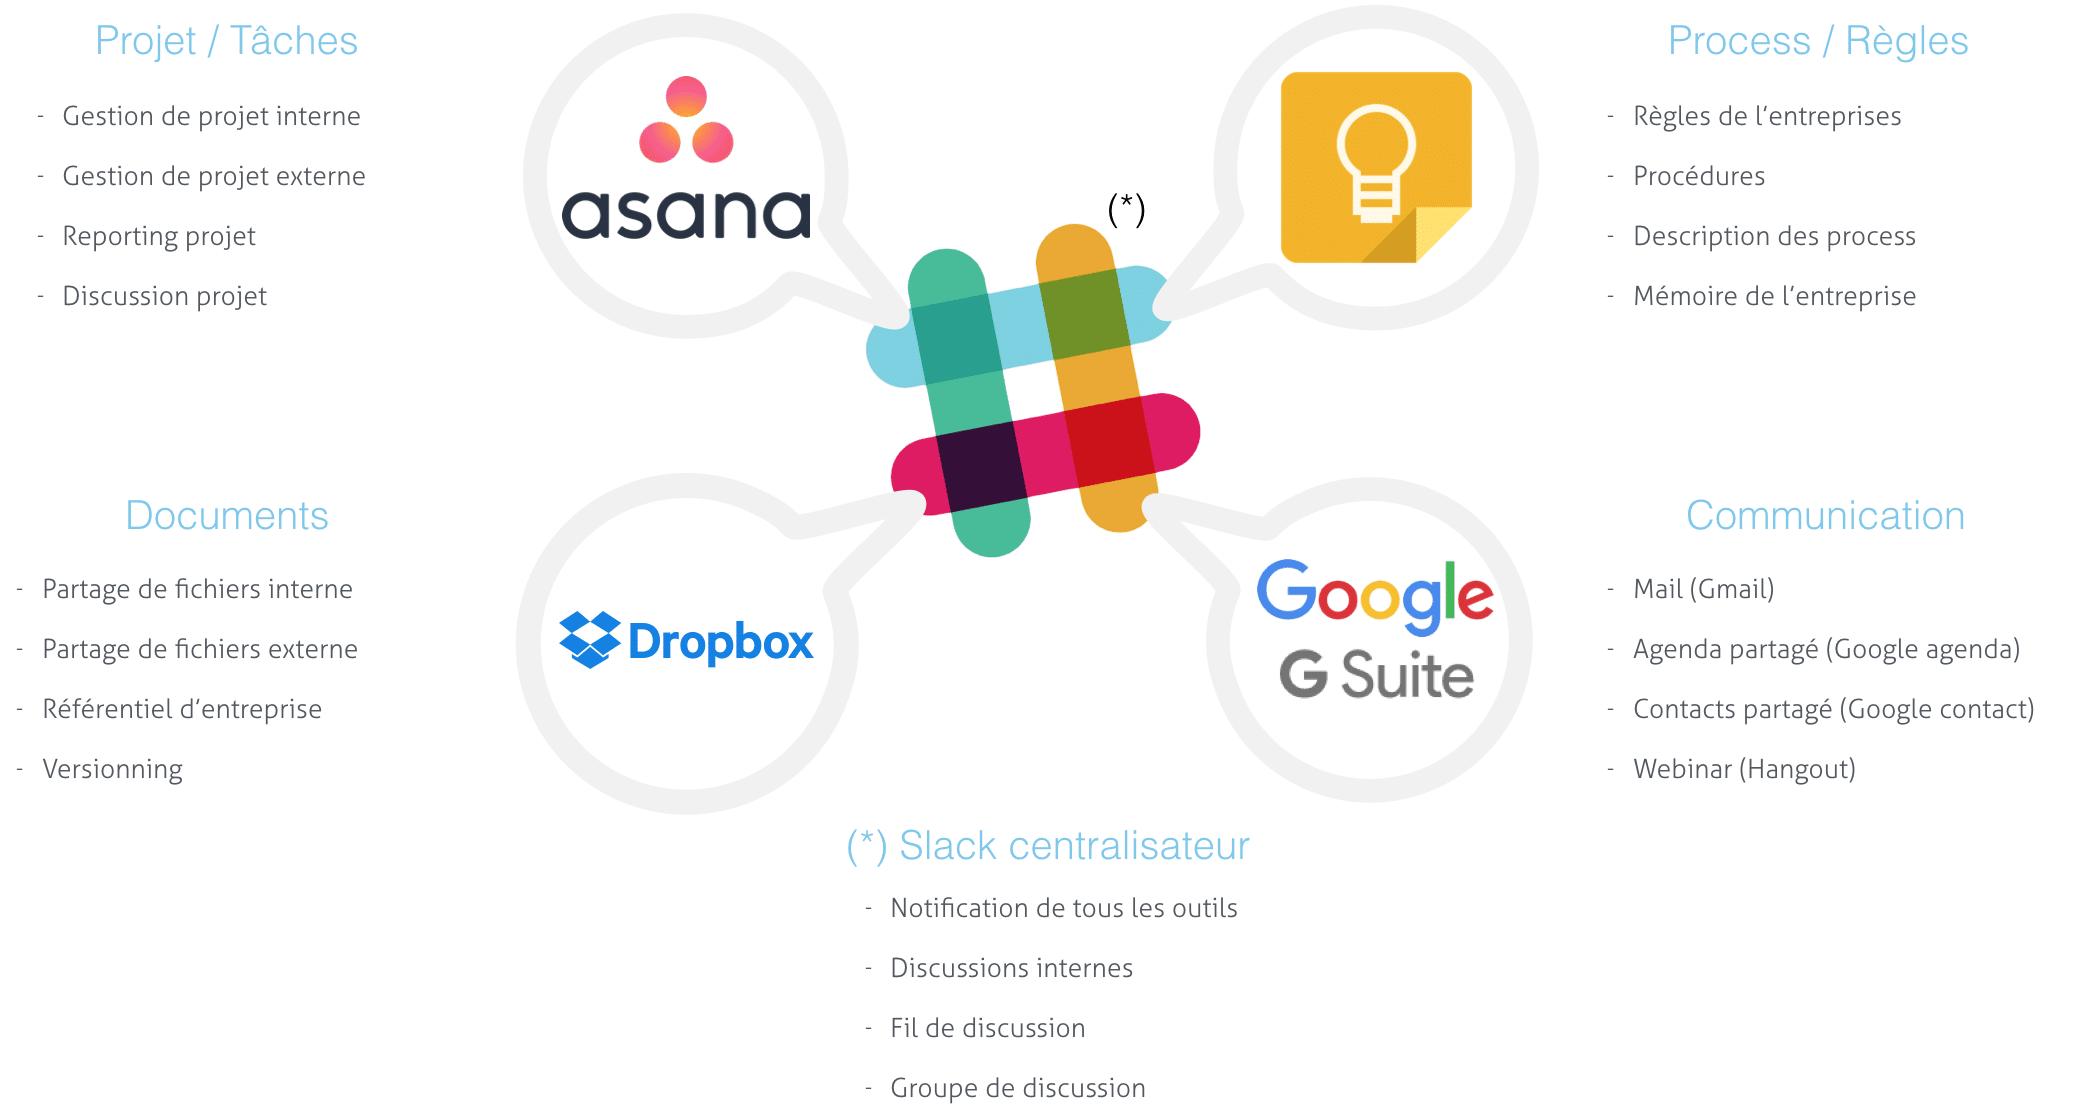 Les outils utilisés par les startup